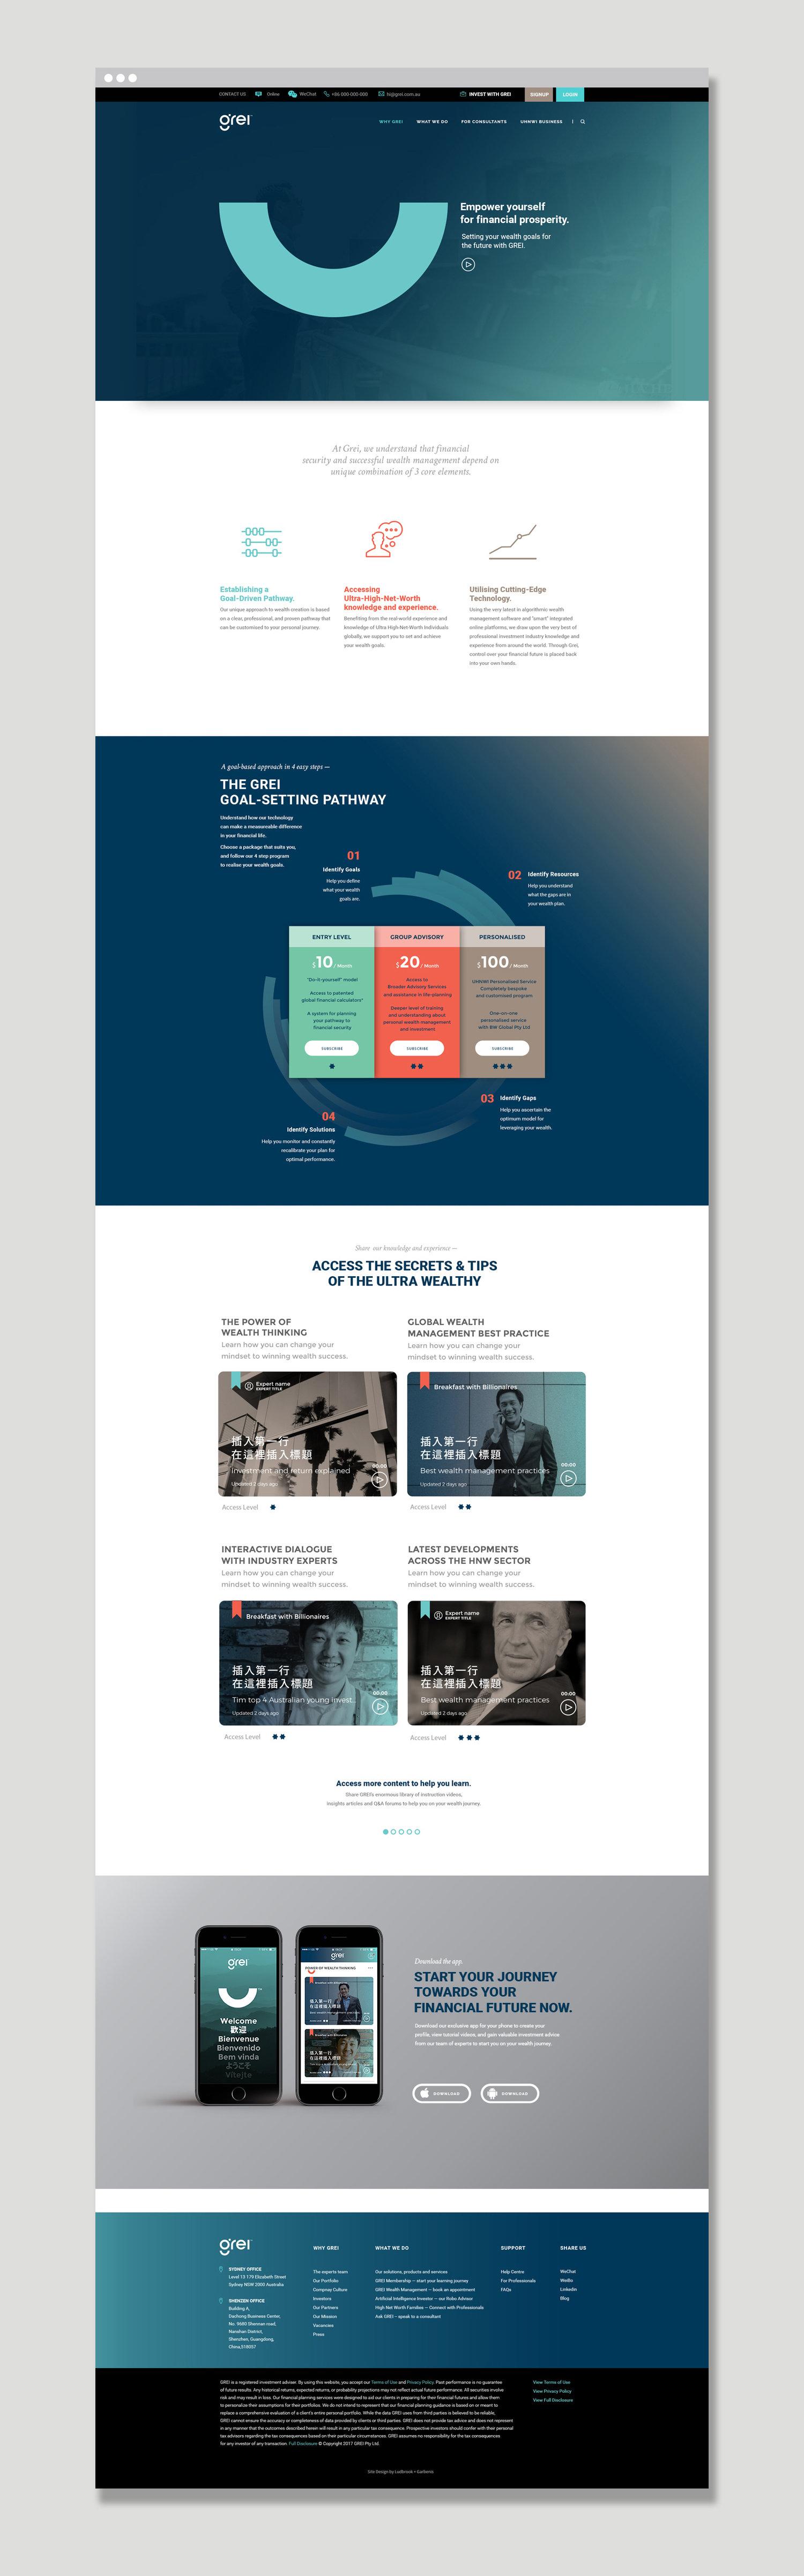 KirstyLudbrook_Grei_Re-Brand_website